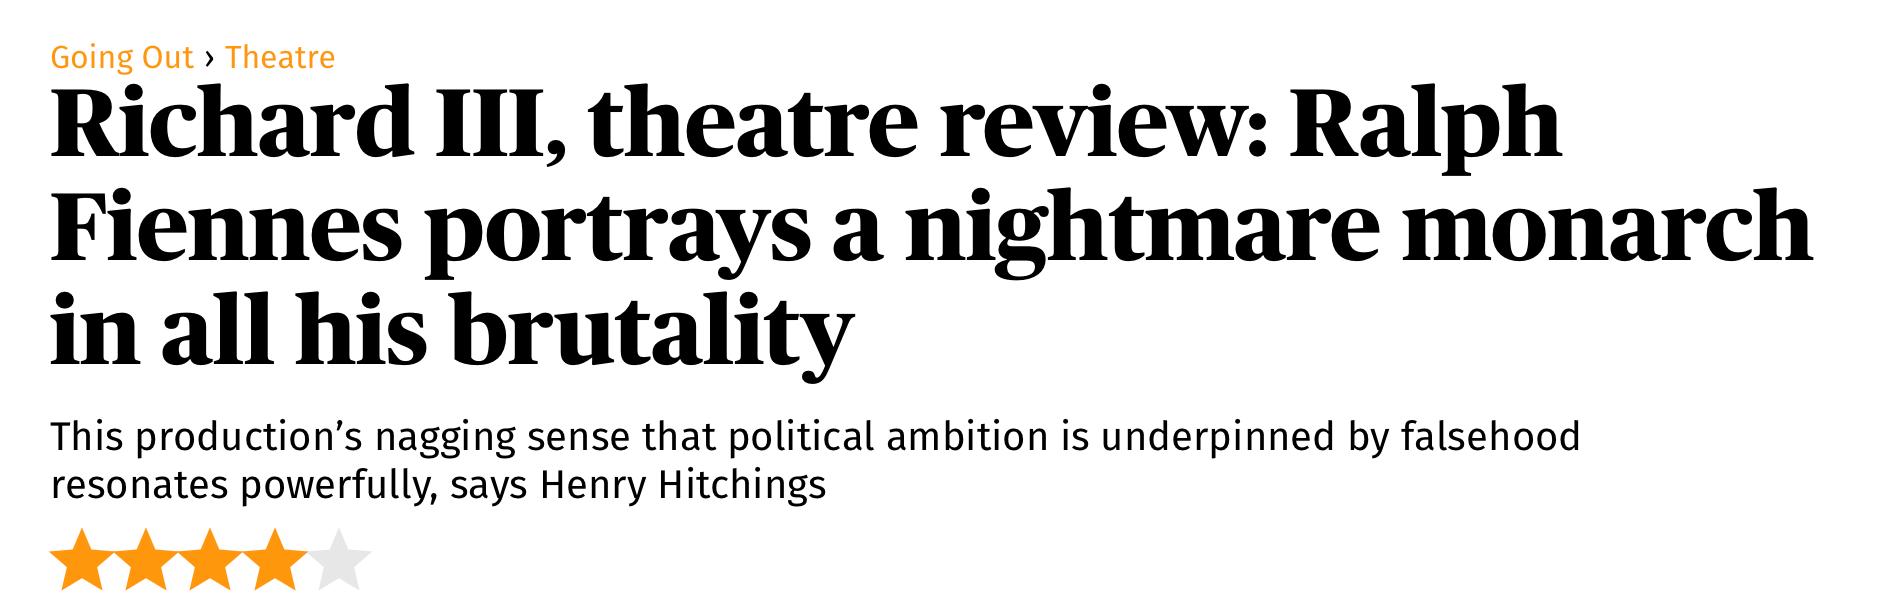 Evening Standard Richard III review